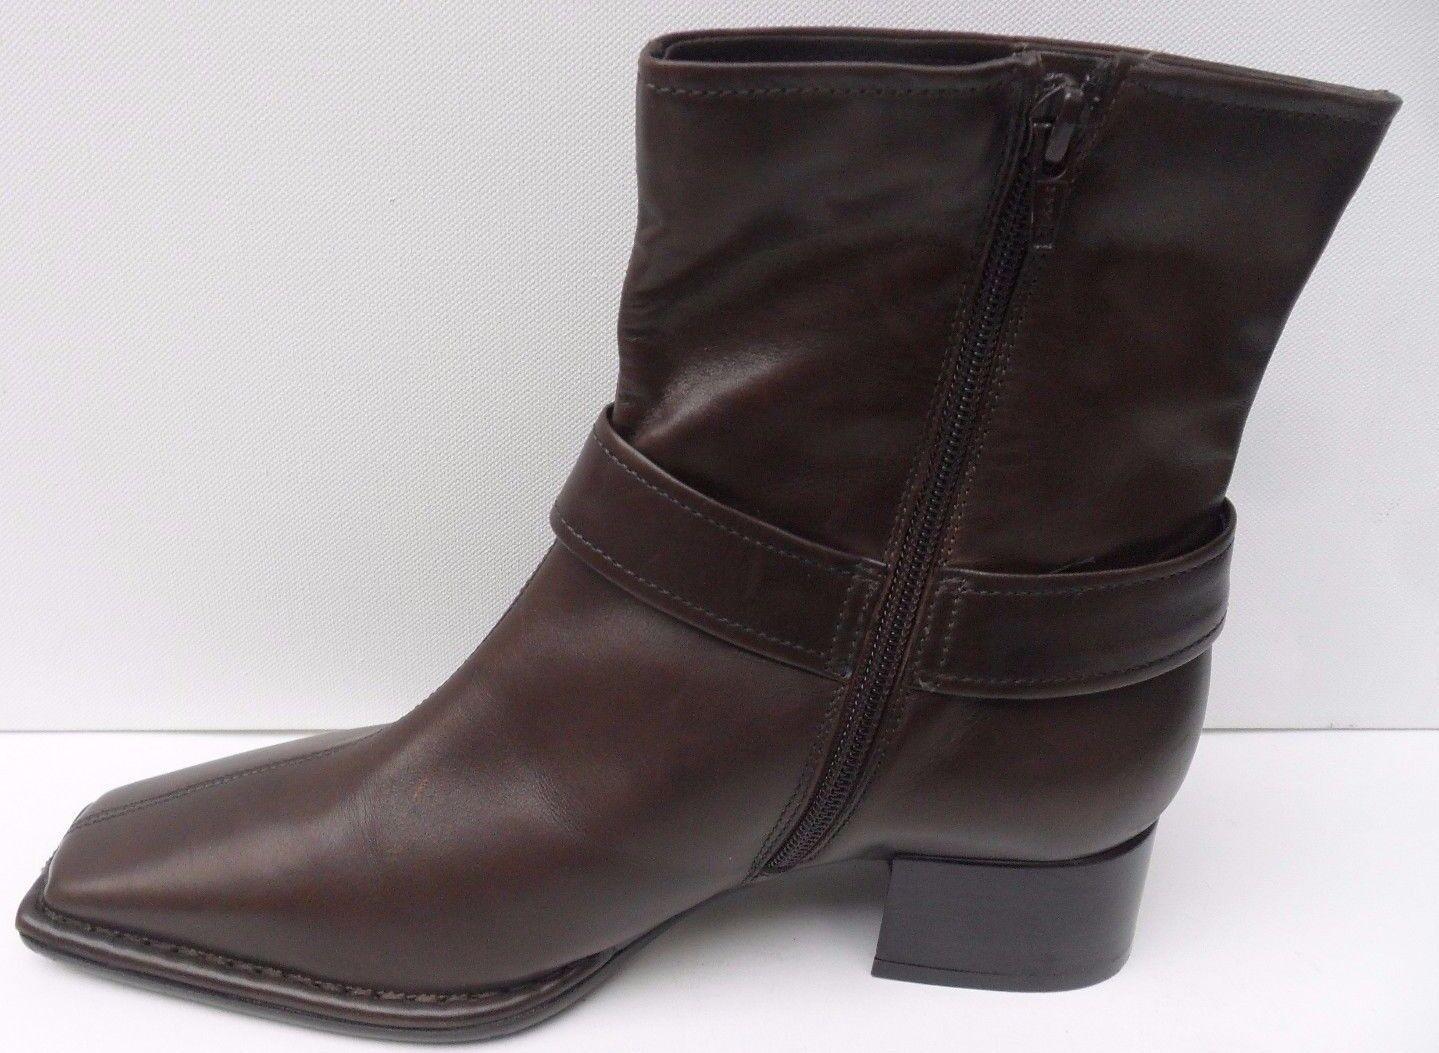 Damenschuhe Lavorazione Artigiana Braun Leder Ankle Stiefel Stiefel Stiefel - Größe UK 5 EEE EUR 38 536931